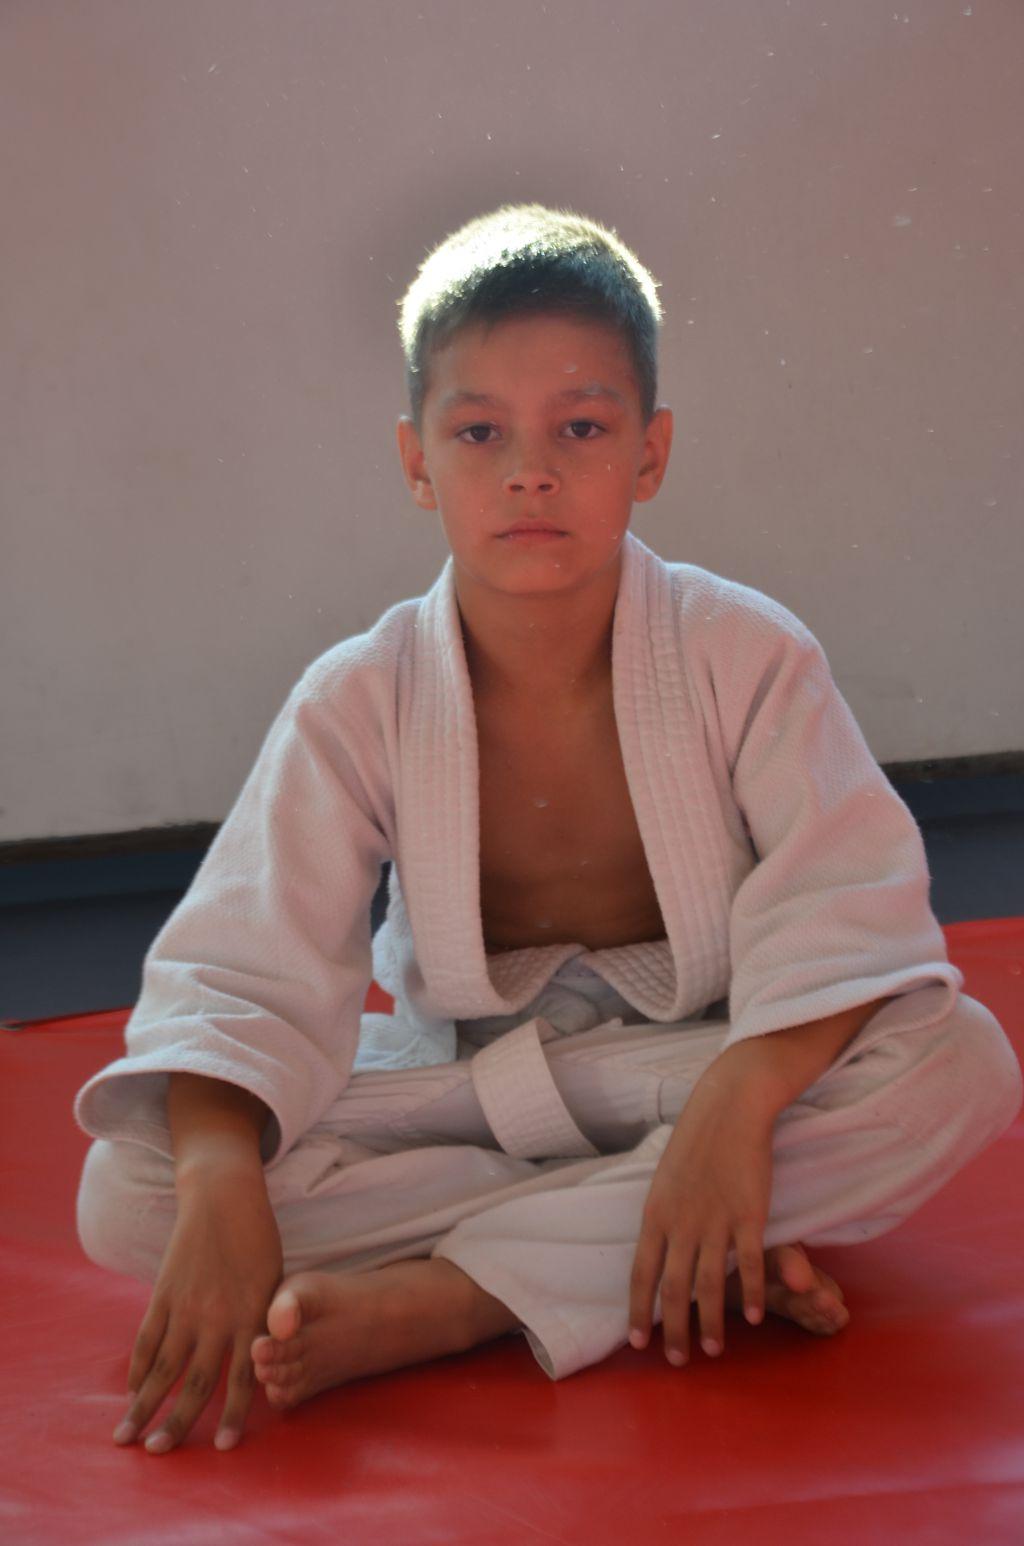 Поздравляем Вячеслава Копосова с Днём Рождения ! Желаем Ему Здоровья, Успехов в Учёбе и Спорте!